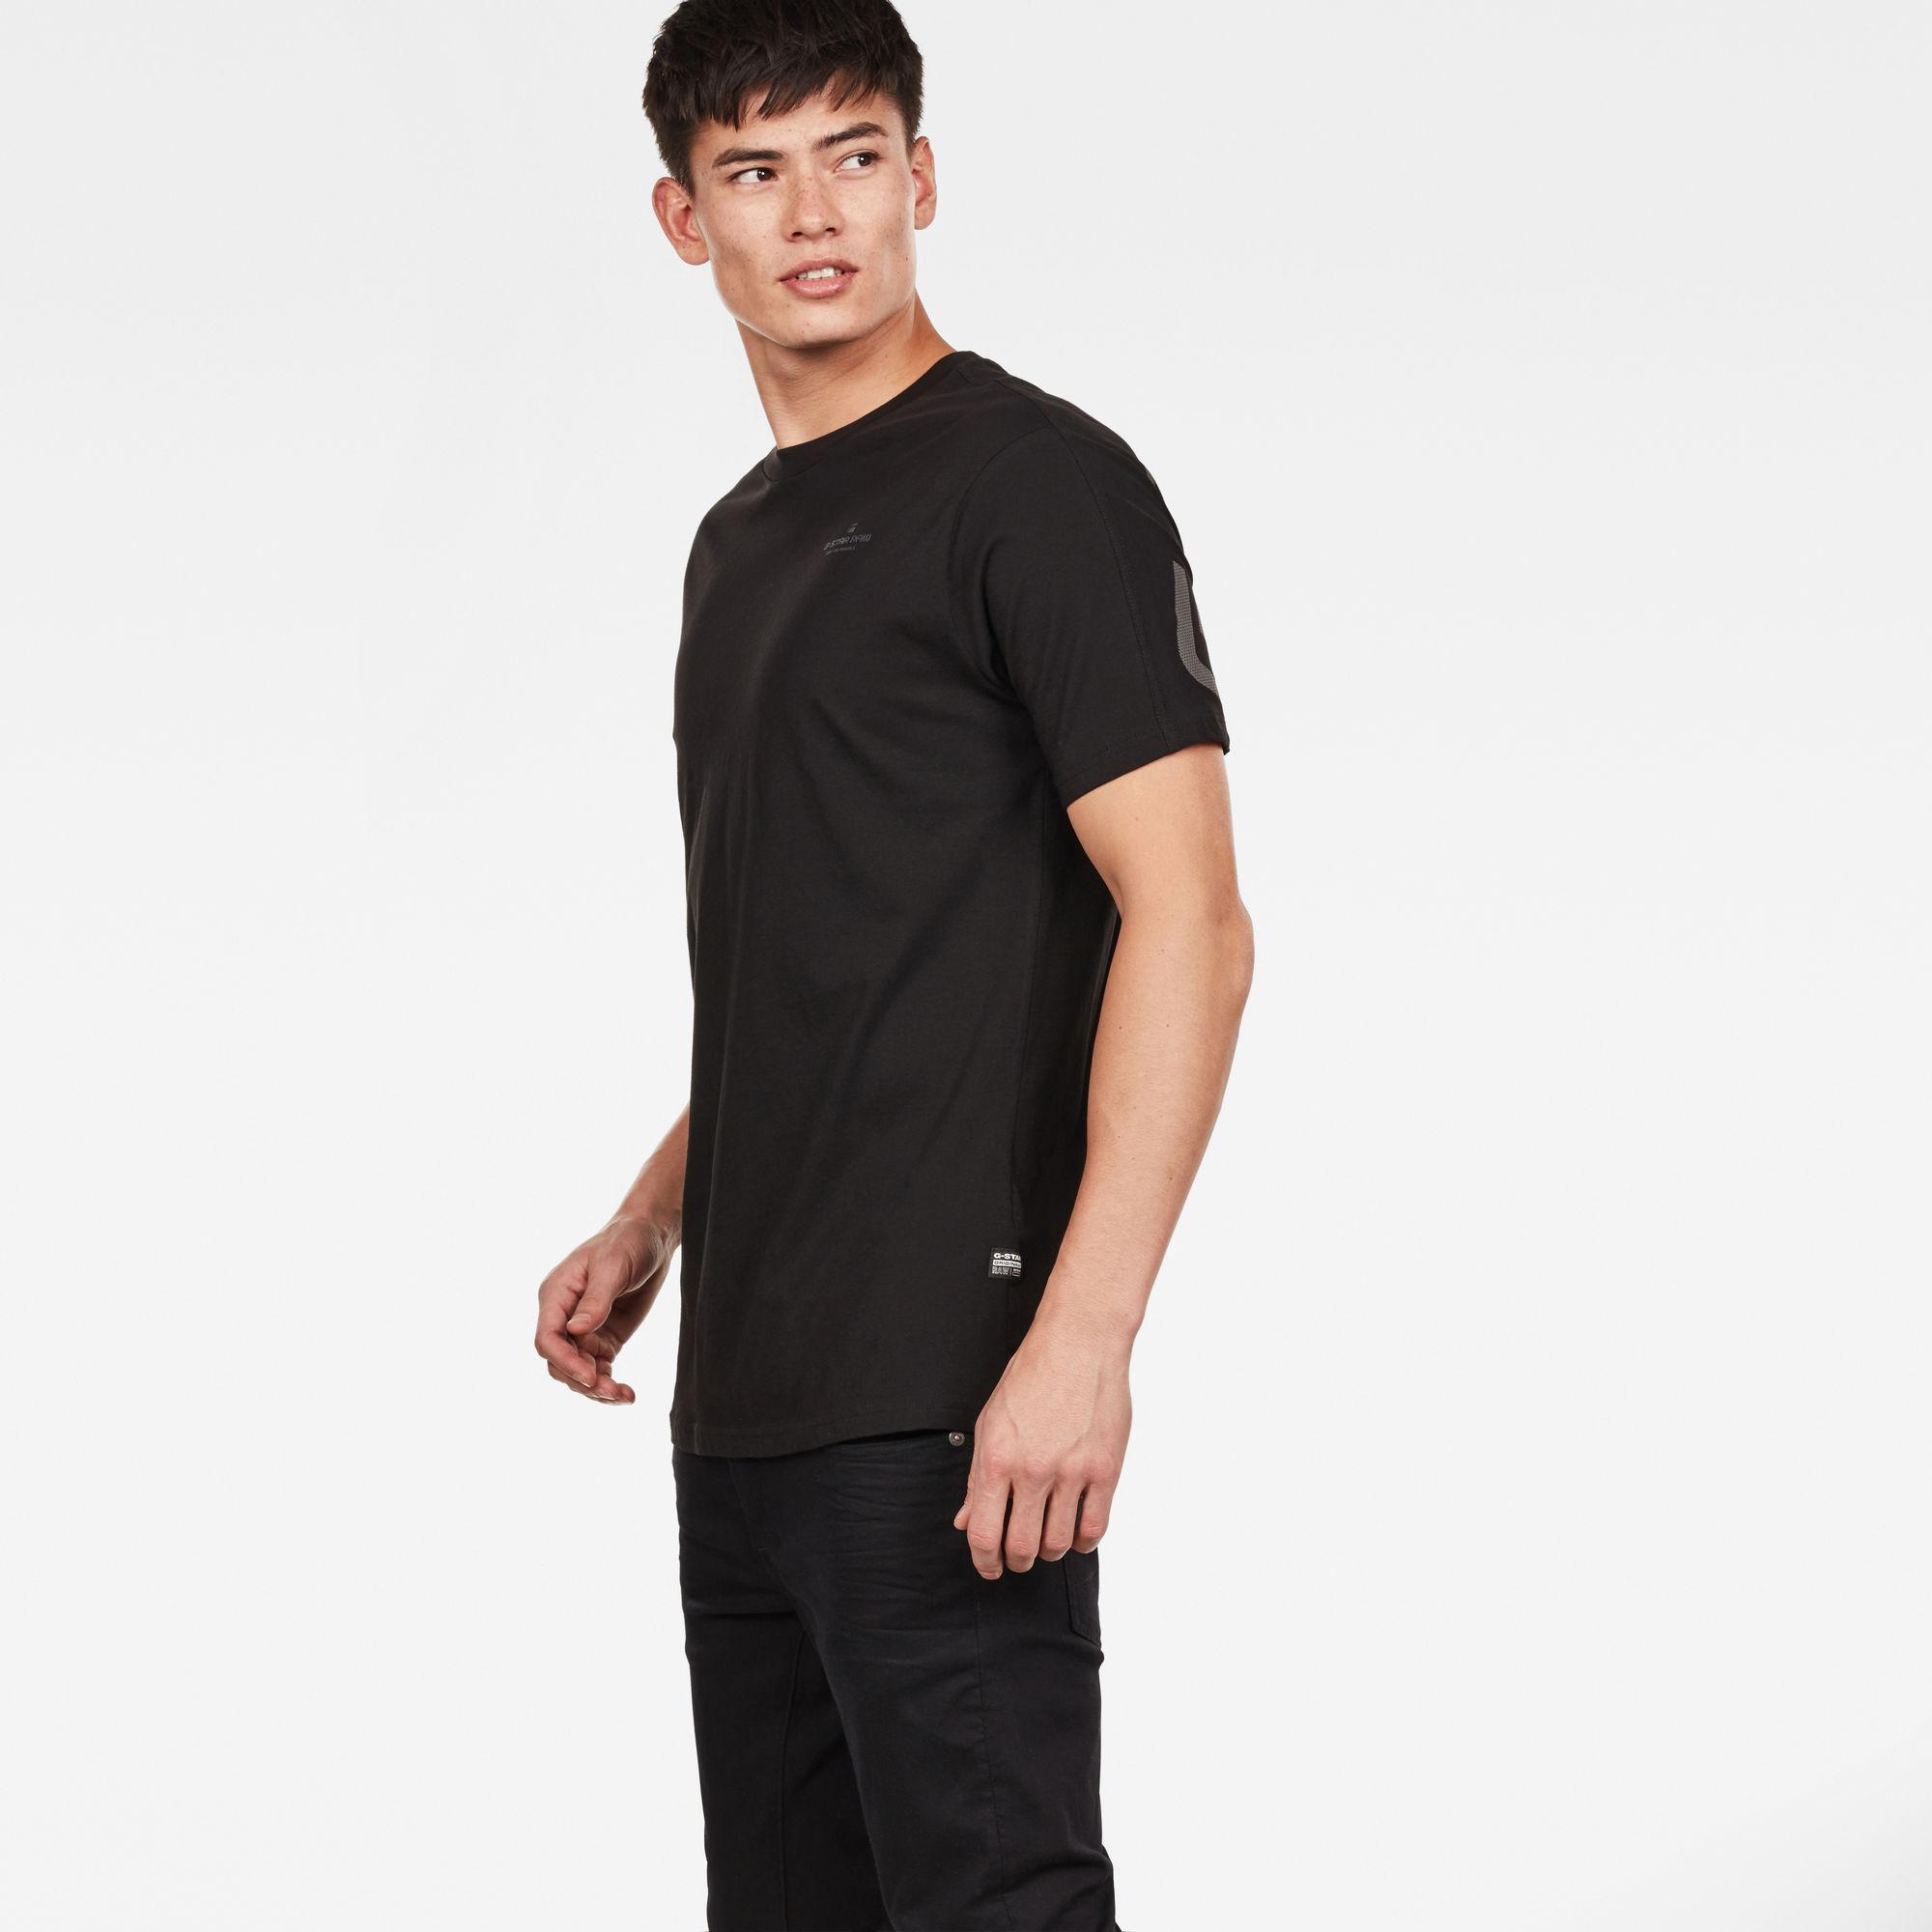 G-Star RAW Korpaz Graphic T-Shirt